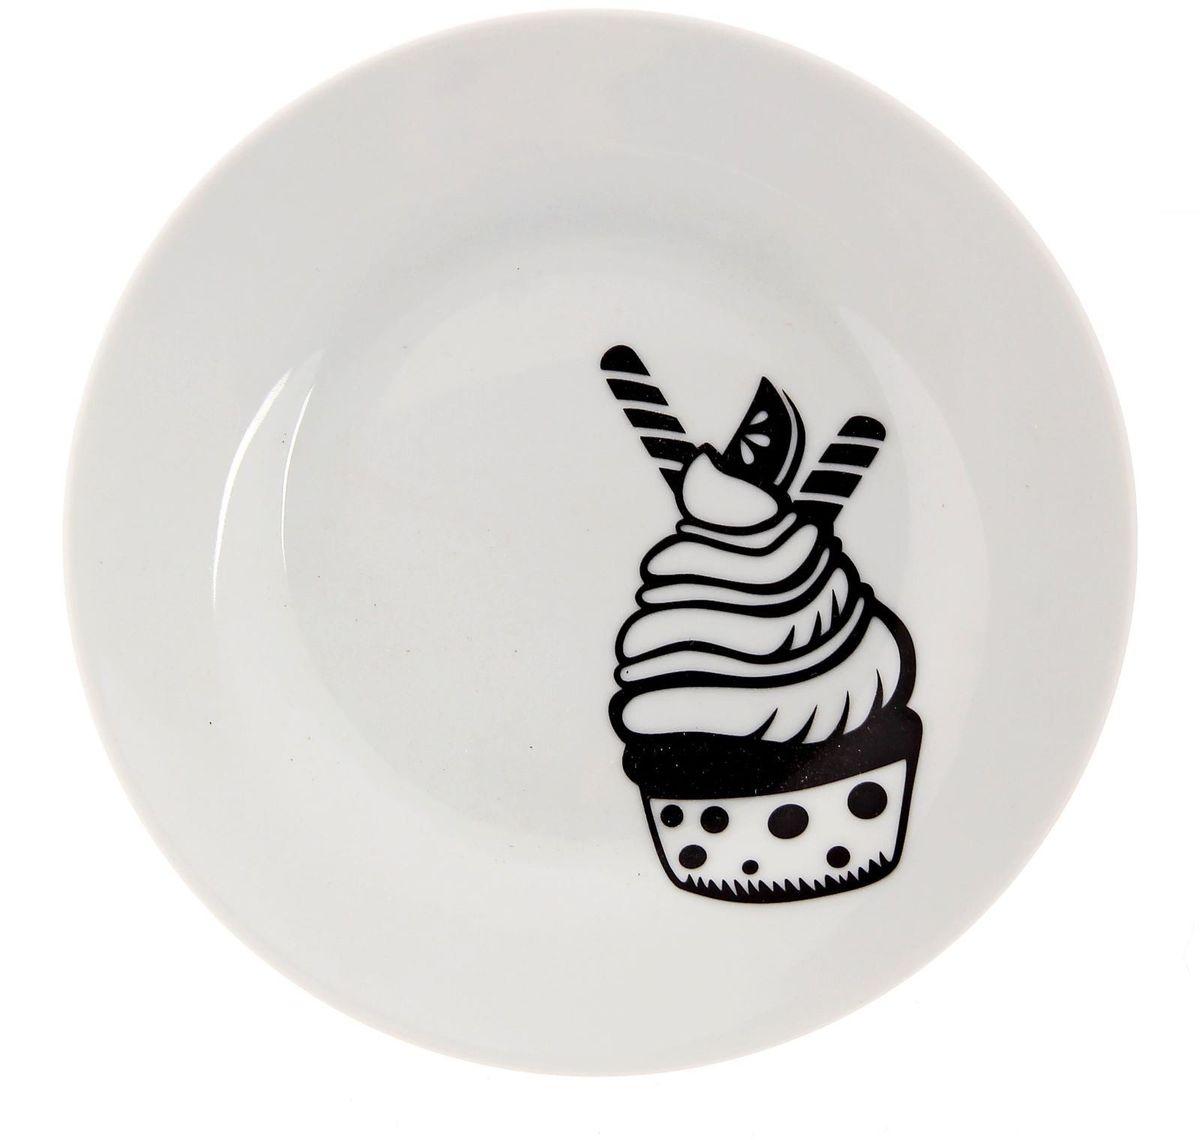 Тарелка мелкая Сотвори чудо Маффин, диаметр 15,5 см2277860Хотите обновить интерьер кухни или гостиной? Устраиваете необычную фотосессию или тематический праздник? А может, просто ищете подарок для близкого человека? Посуда Сотвори Чудо — правильный выбор в любой ситуации. Тарелка Сотвори Чудо, изготовленная из изящного фаянса нежного сливочного цвета, оформлена оригинальным рисунком со стойкой краской. Пригодна для посудомоечной машины.